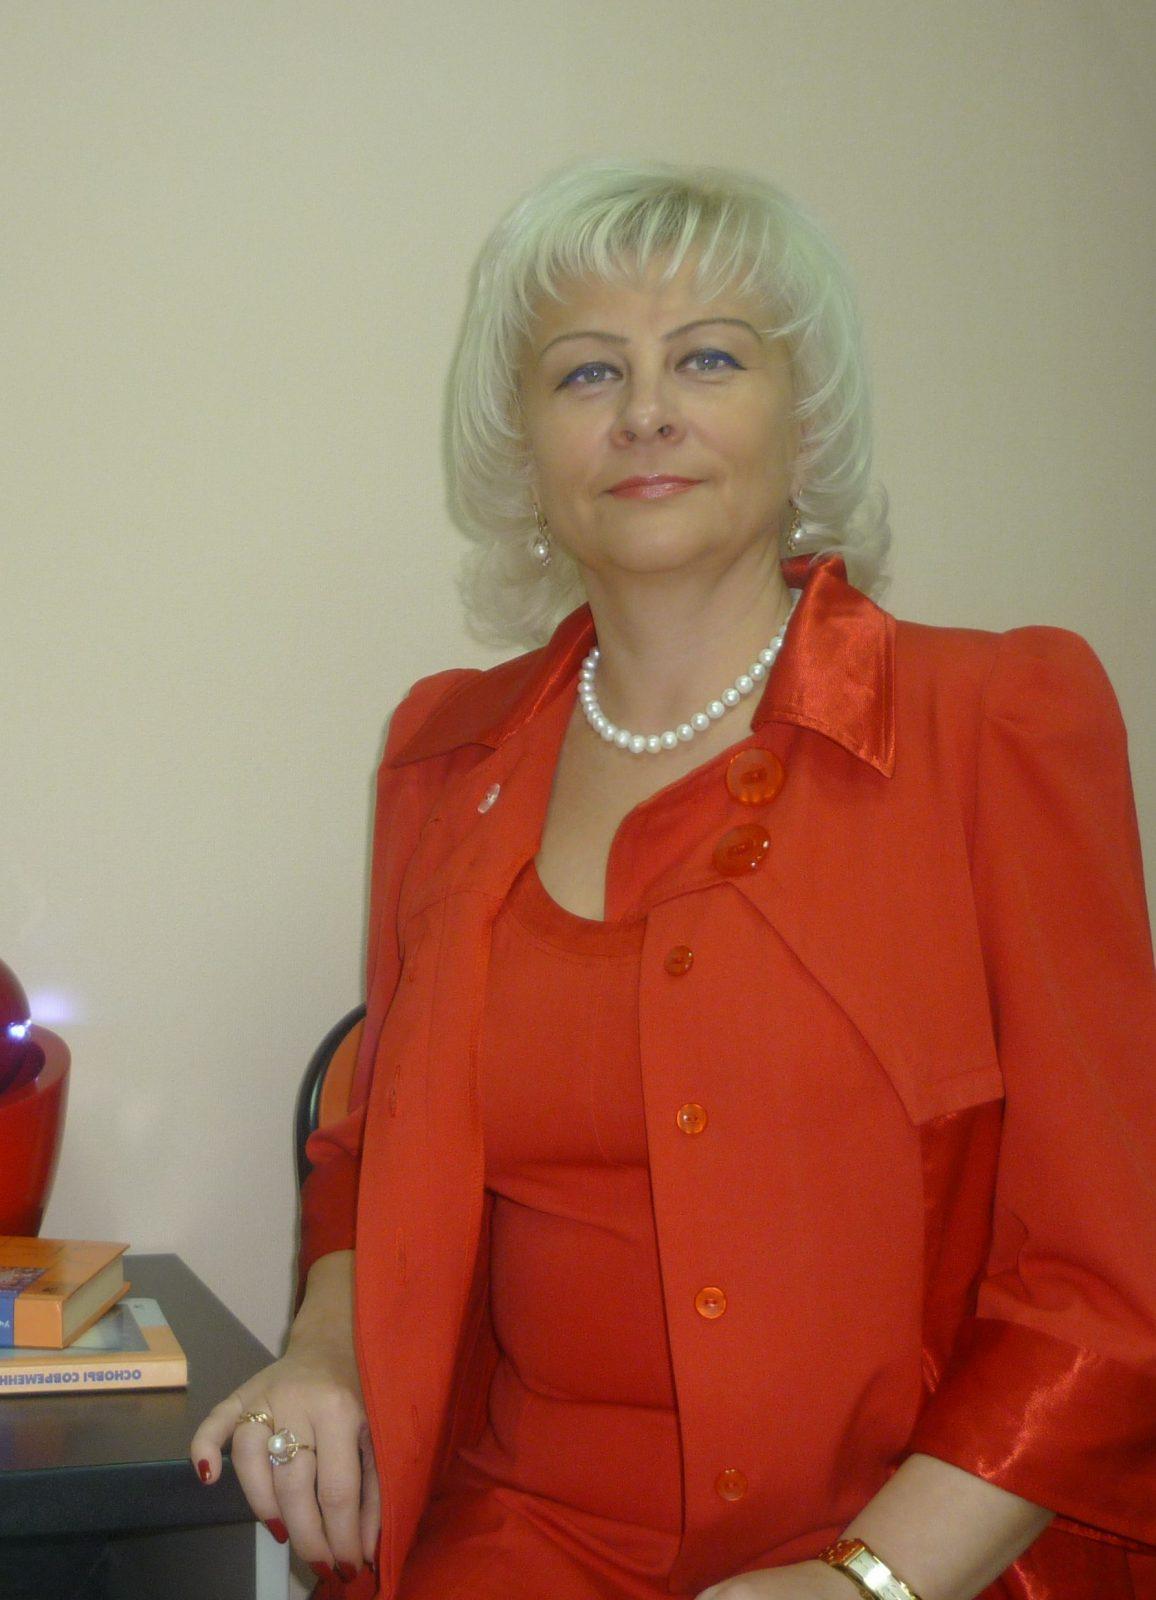 Как поверить в себя: интервью с психологом Светланой Тодоровой